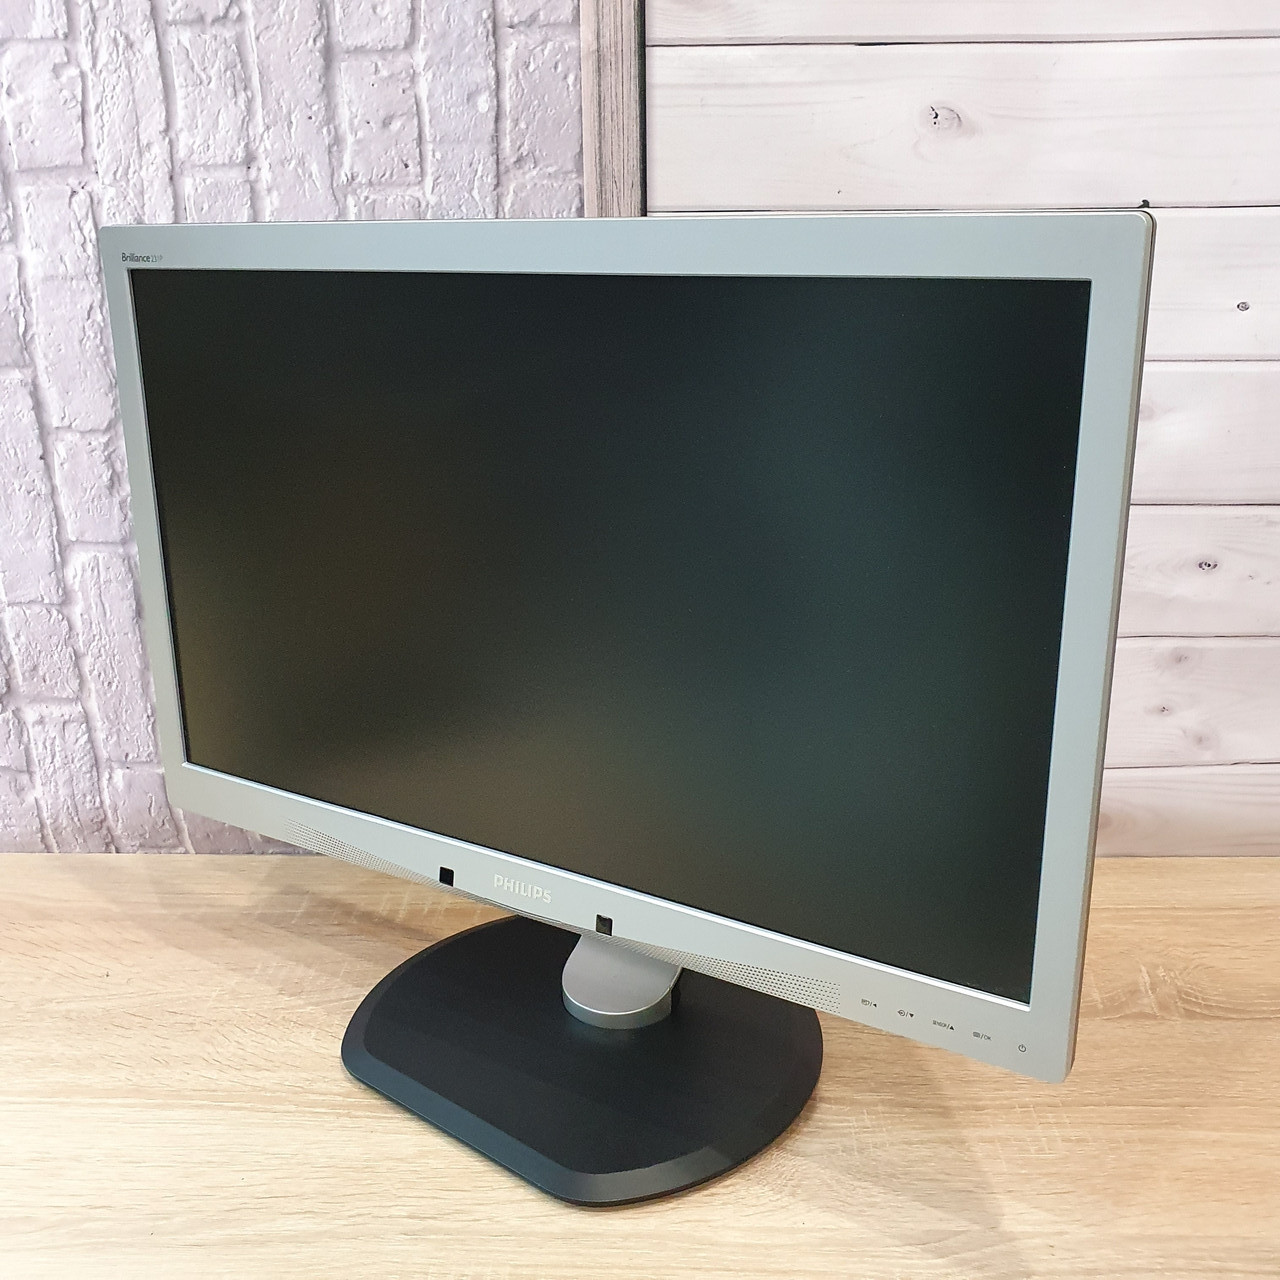 Монитор PHILIPS 23  (Матрица TN / DVI, VGA / Разрешение 1920x1080)